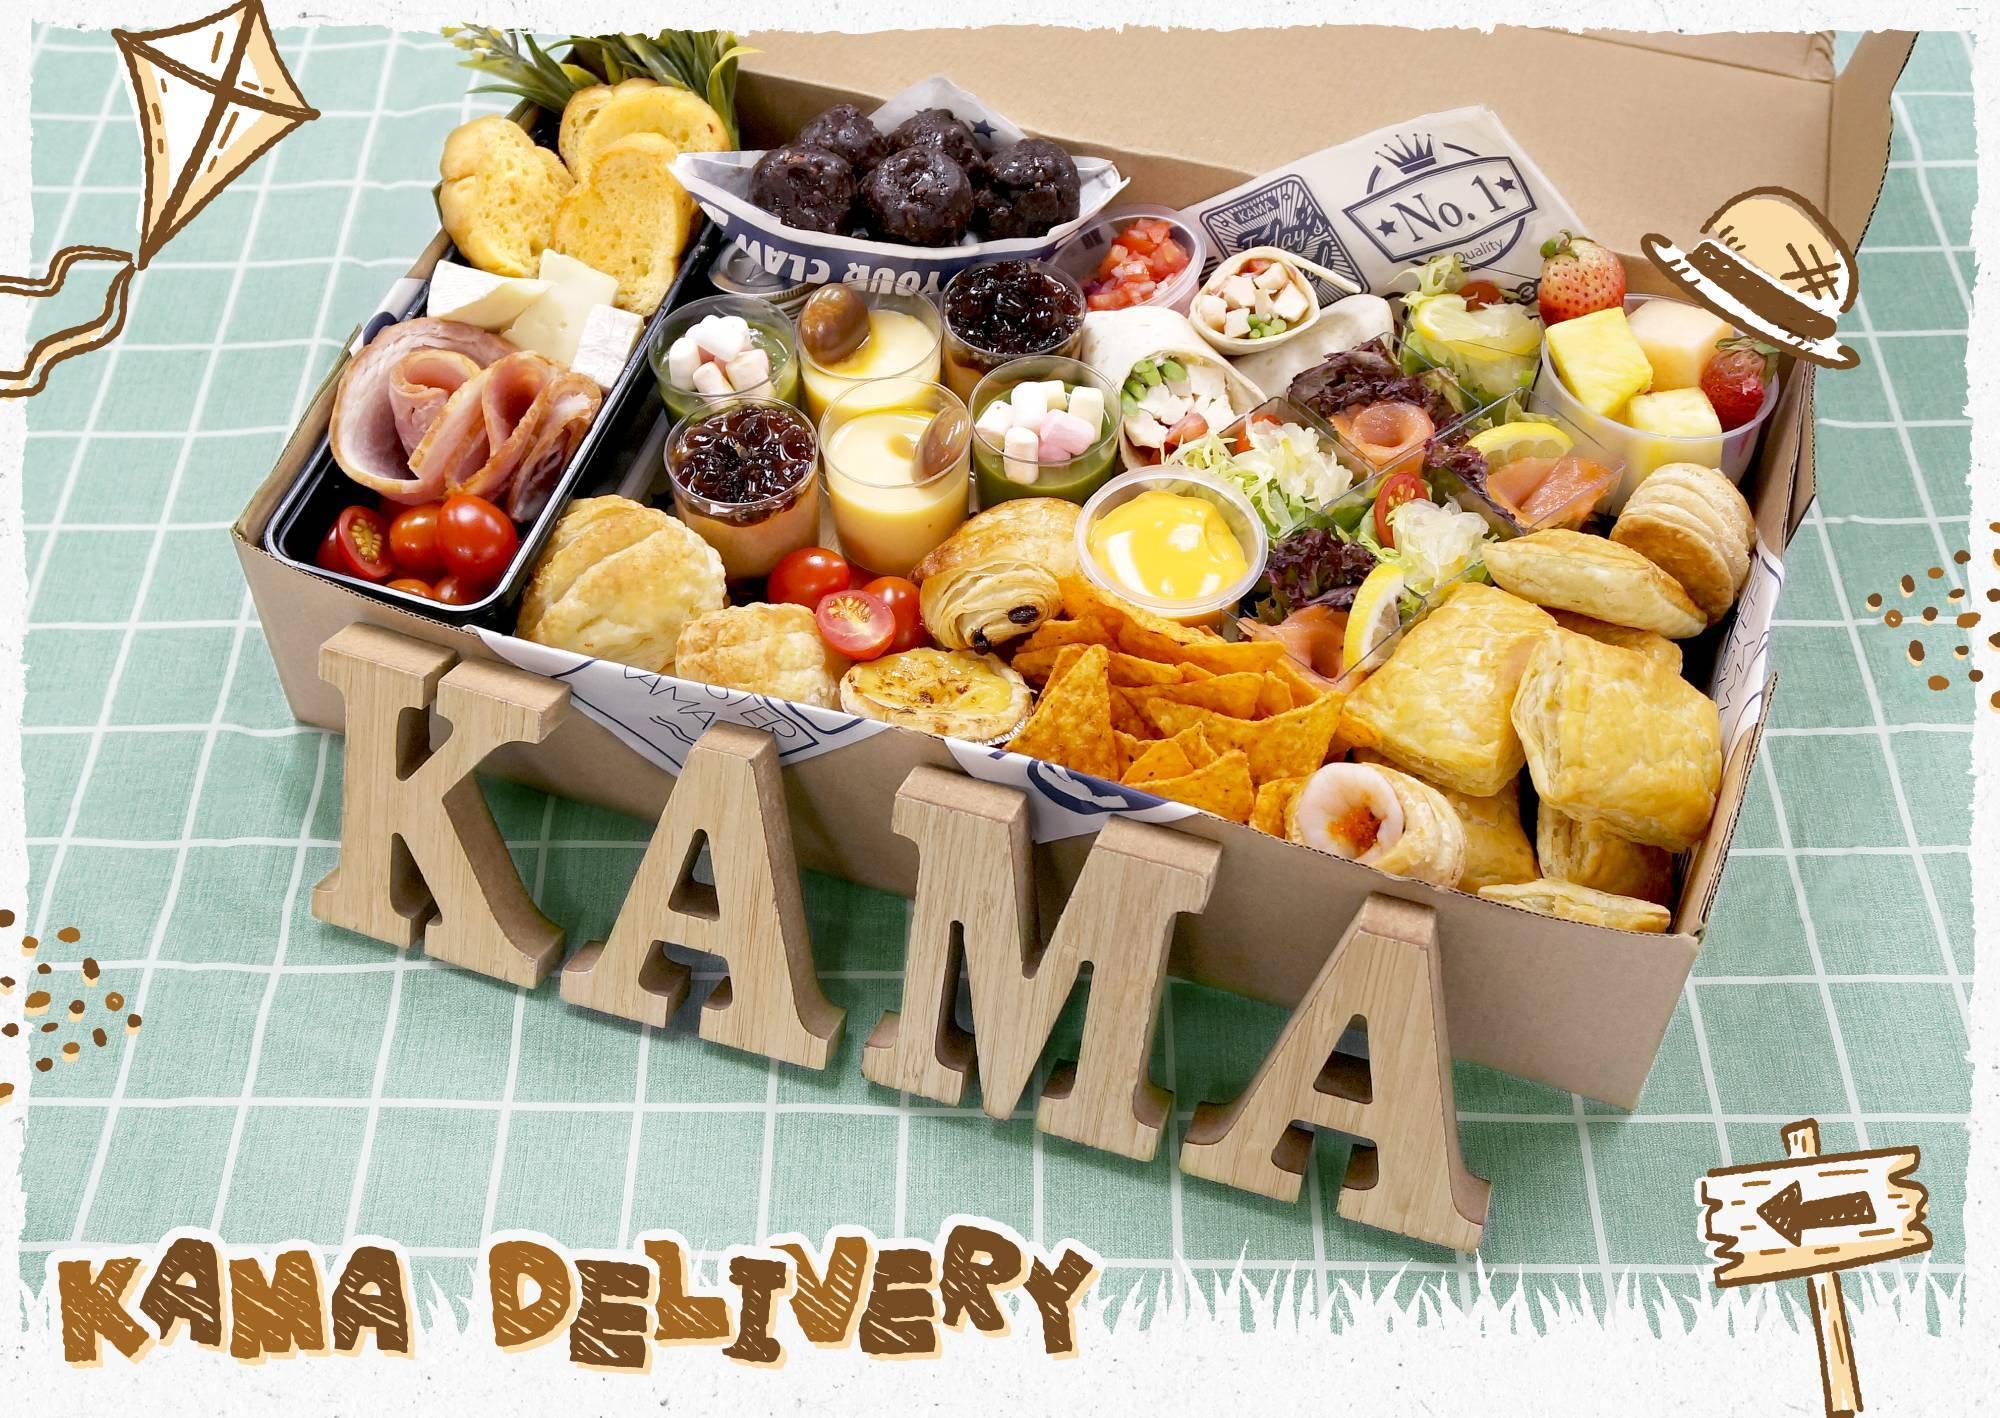 野餐食物訂購推介|Kama Delivery為各式各樣的戶外活動外送多款西式外賣美食,立即網上預購吧!